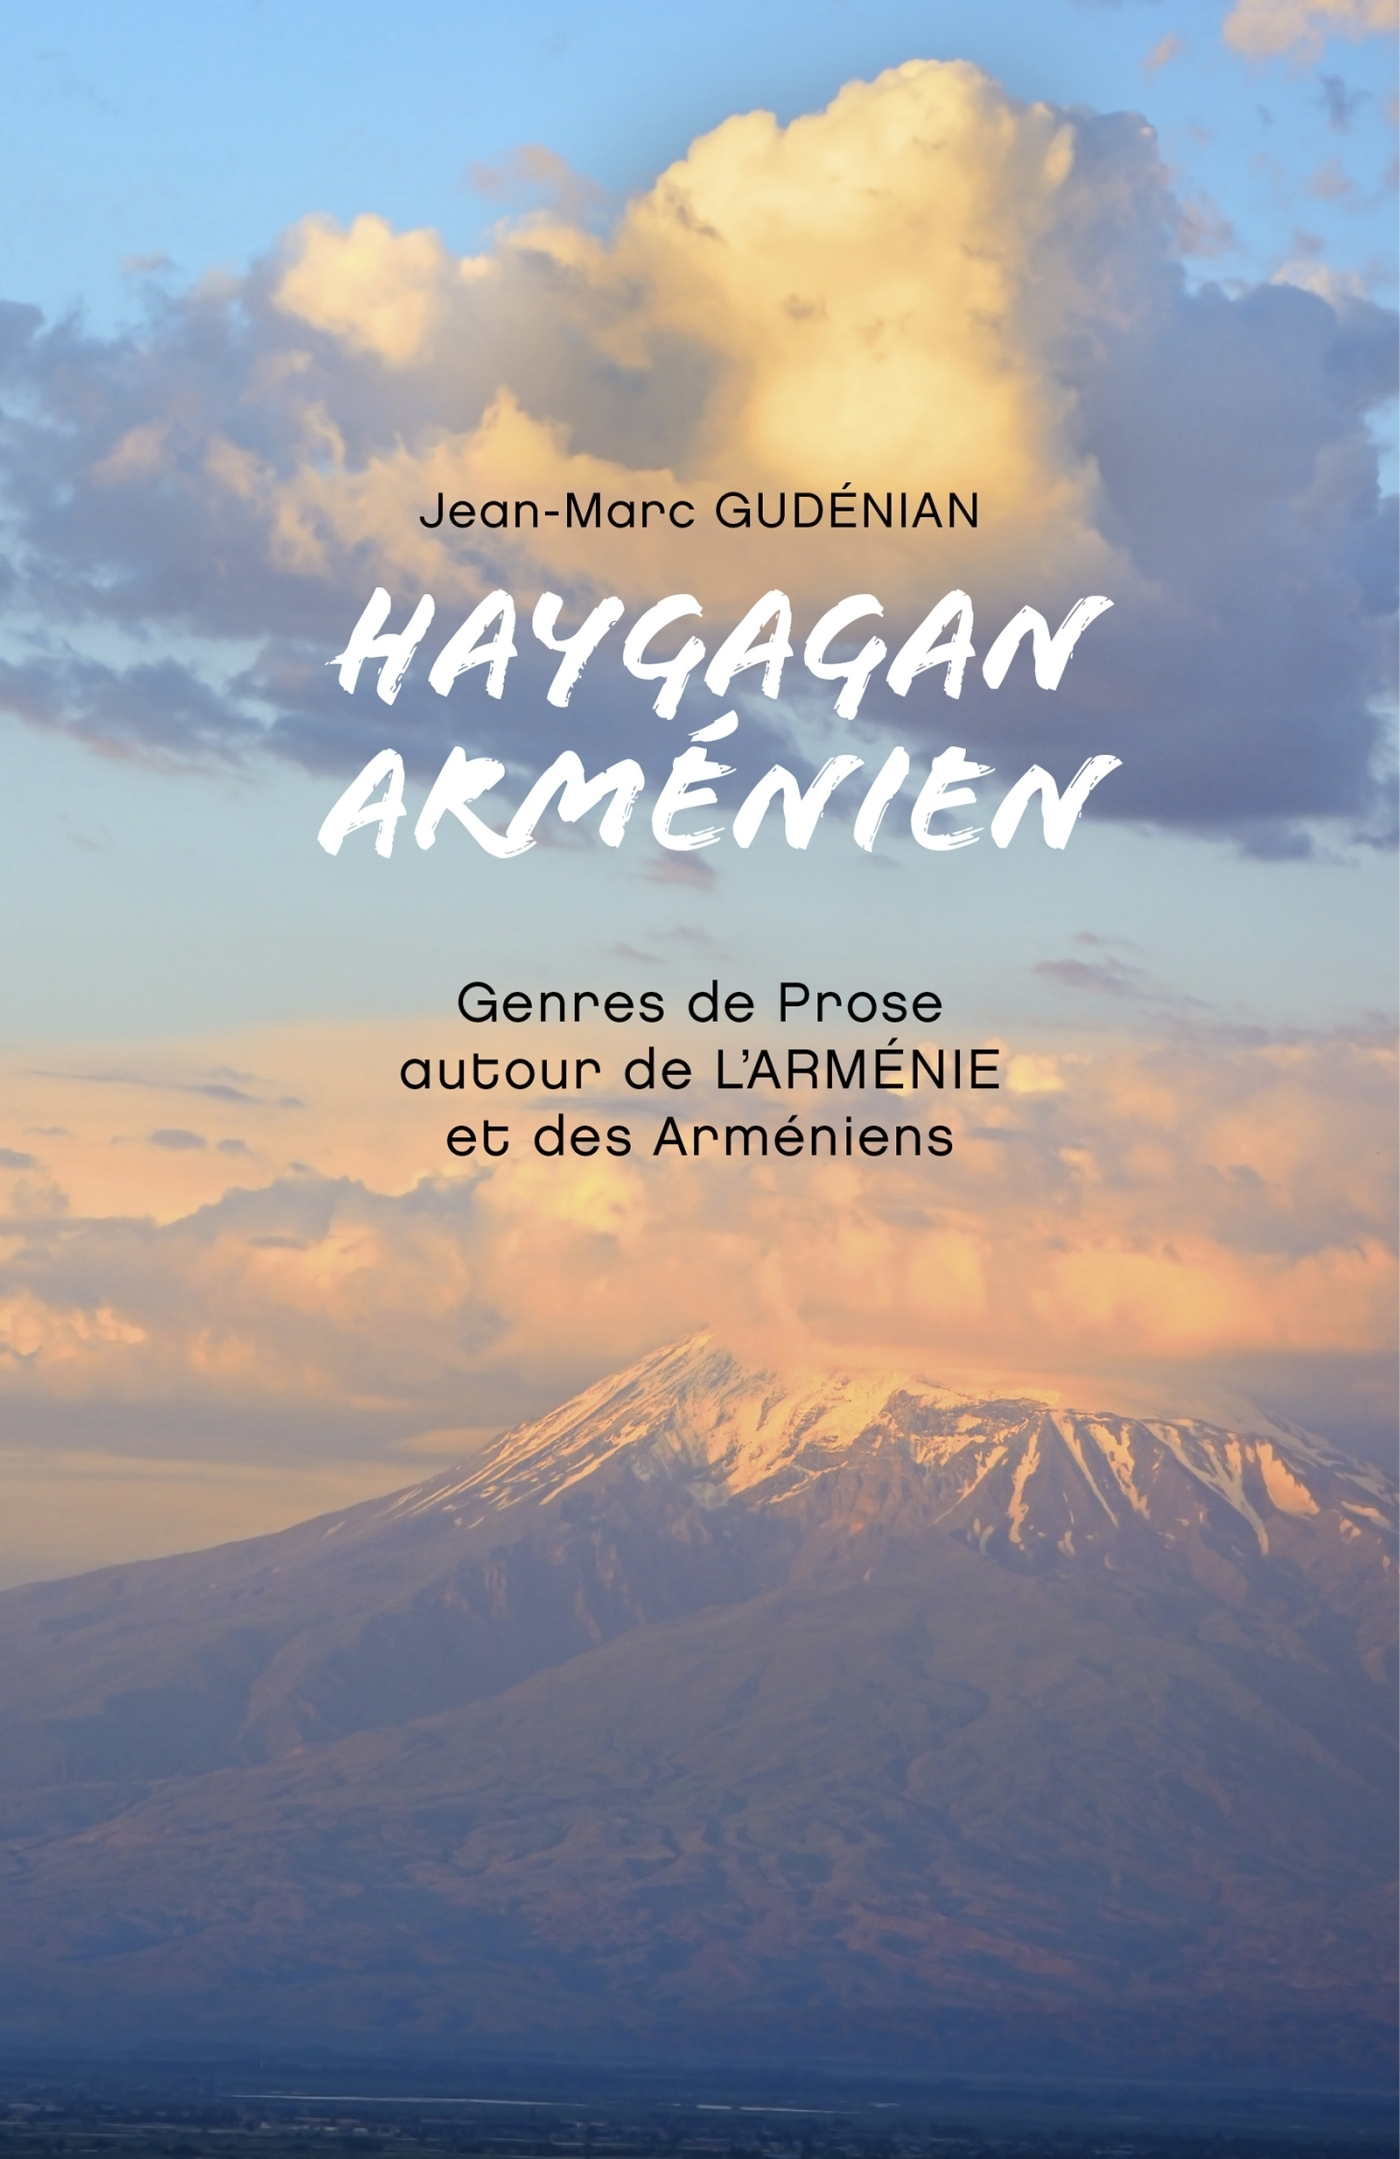 HAYGAGAN ARMENIEN - GENRES DE PROSE AUTOUR DE L'ARMENIE ET DES ARMENIENS